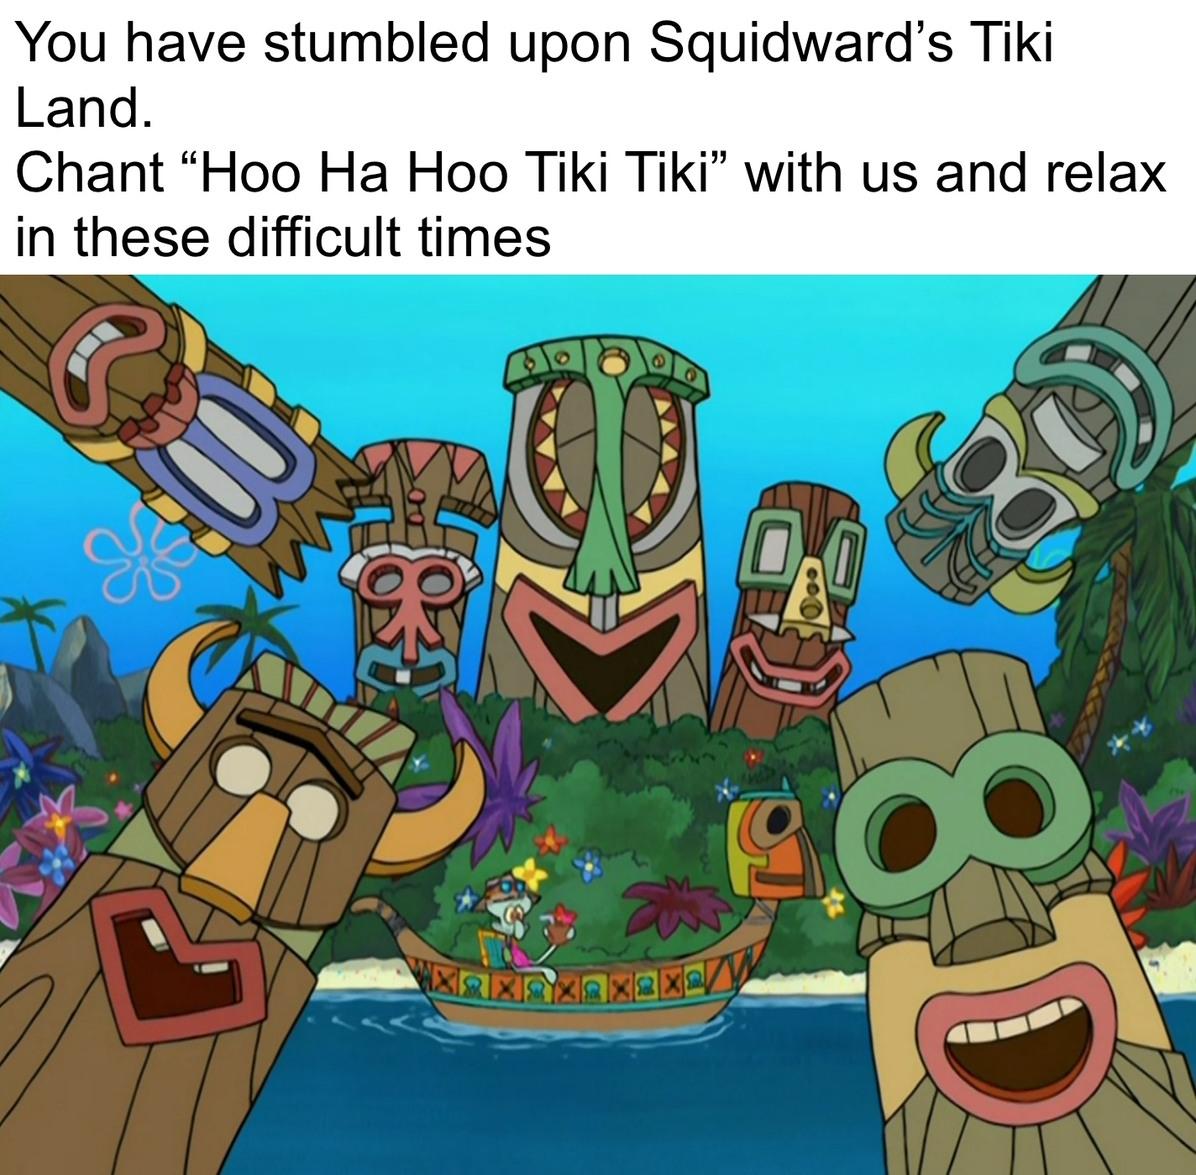 Enchanted Tiki Dreams - meme